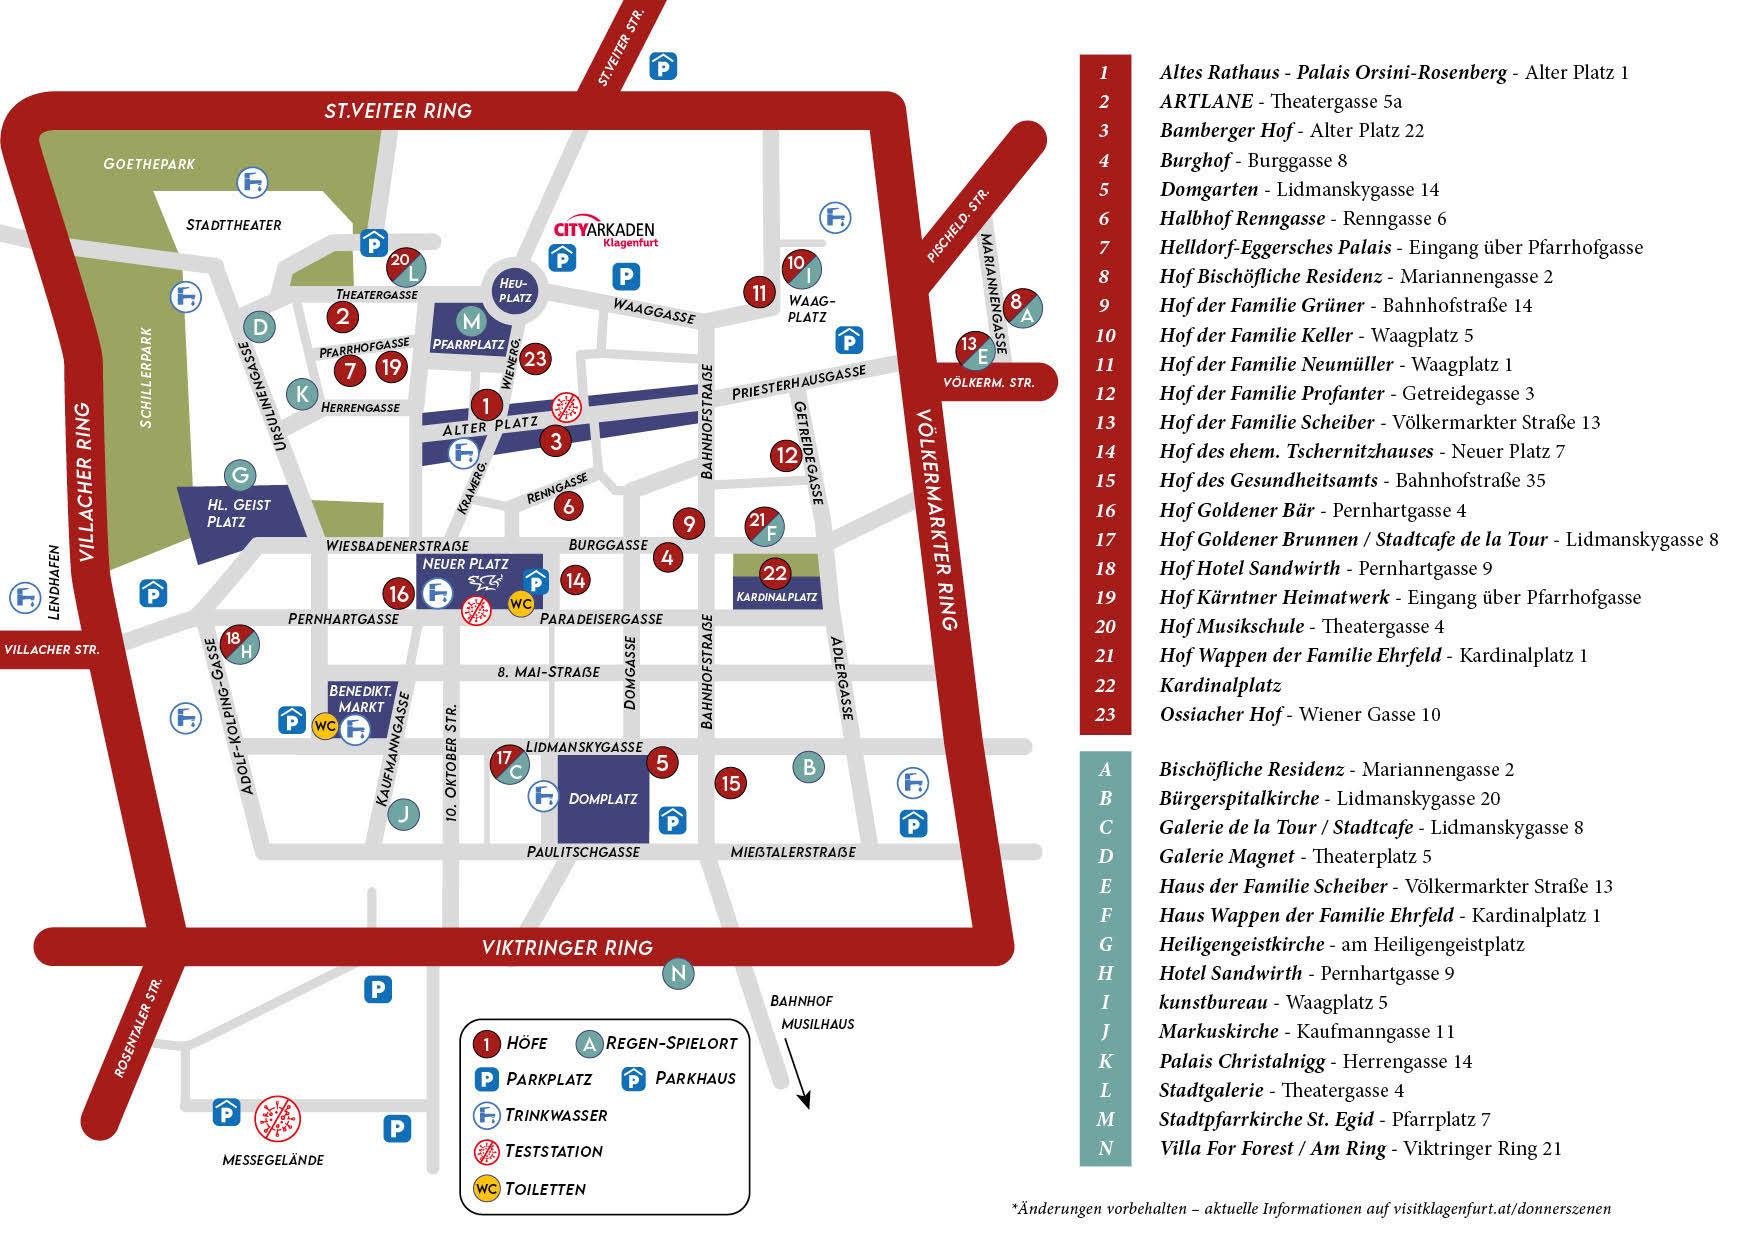 Stadtplan für die Donnerszenen